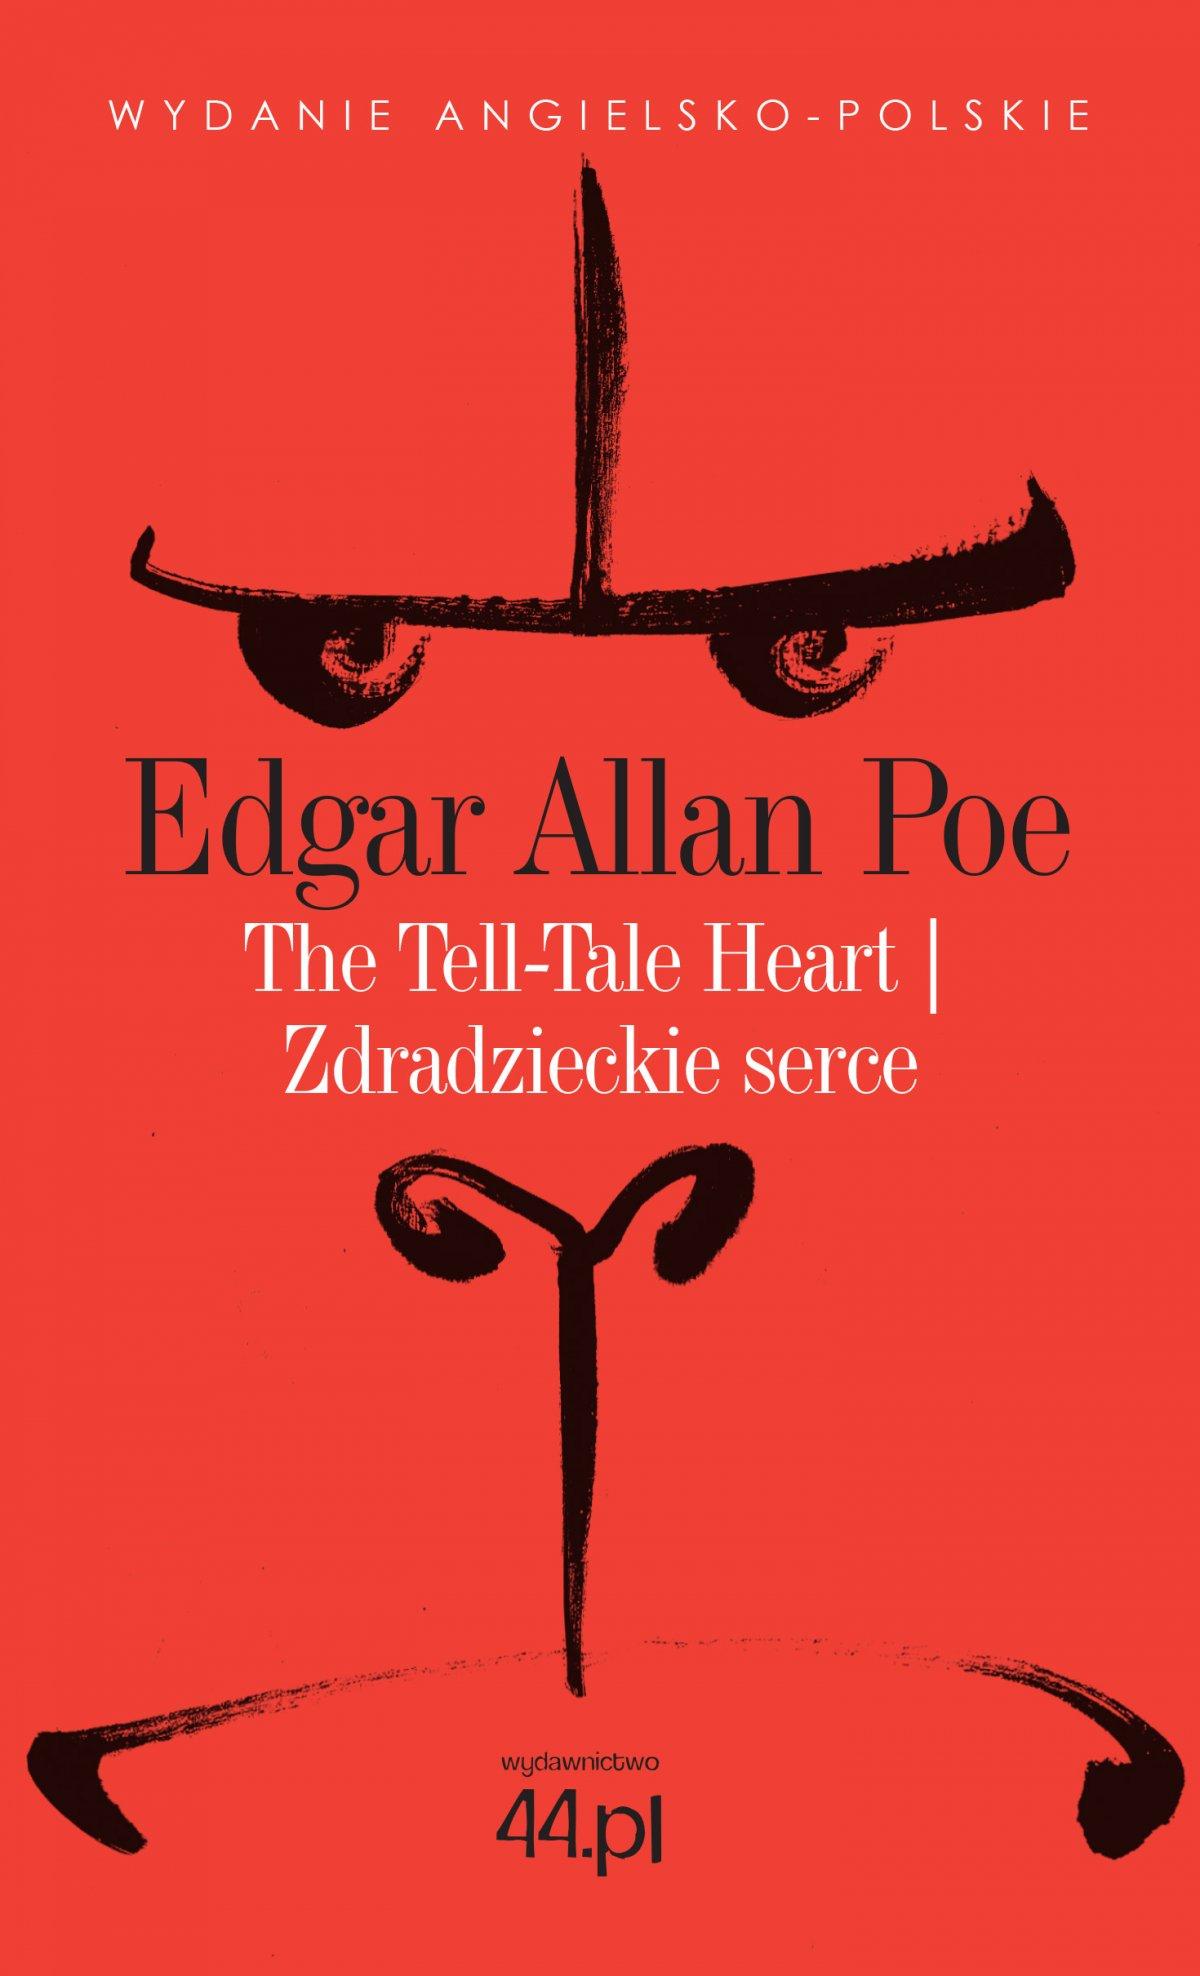 The Tell-Tale Heart. Zdradzieckie serce - Ebook (Książka EPUB) do pobrania w formacie EPUB